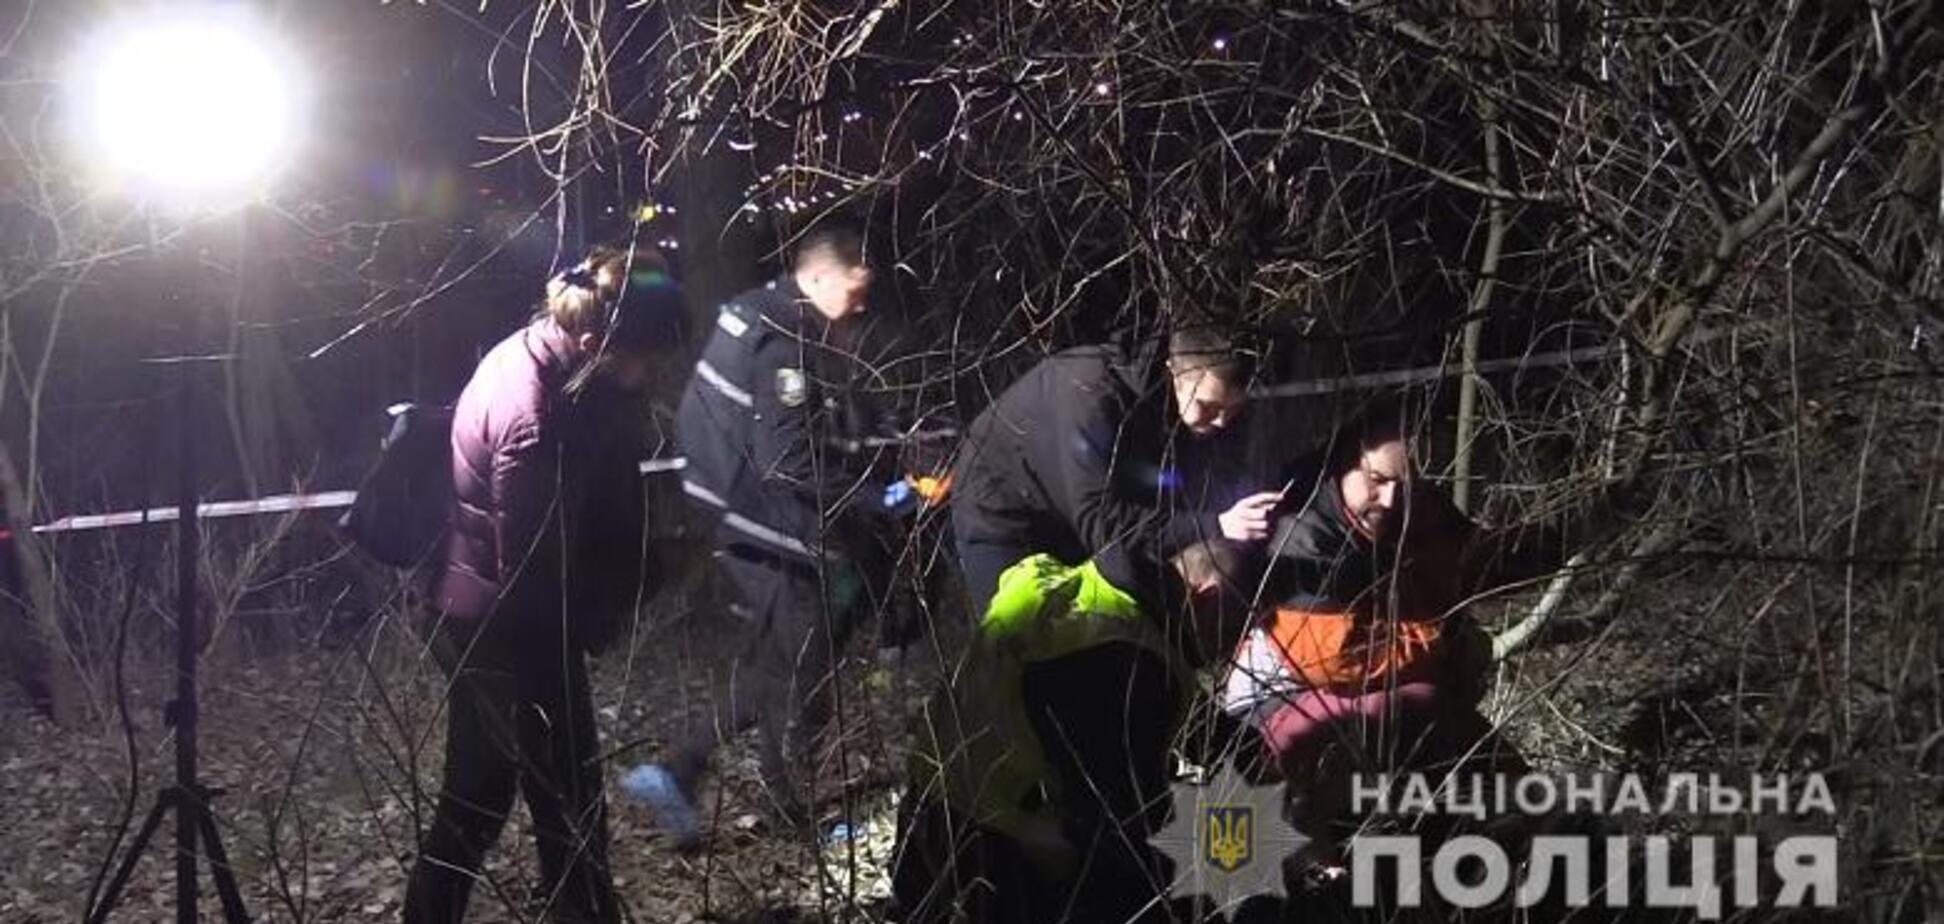 У Києві знайшли ногу молодої жінки: поліція просить допомогти. Фото та відео 18+